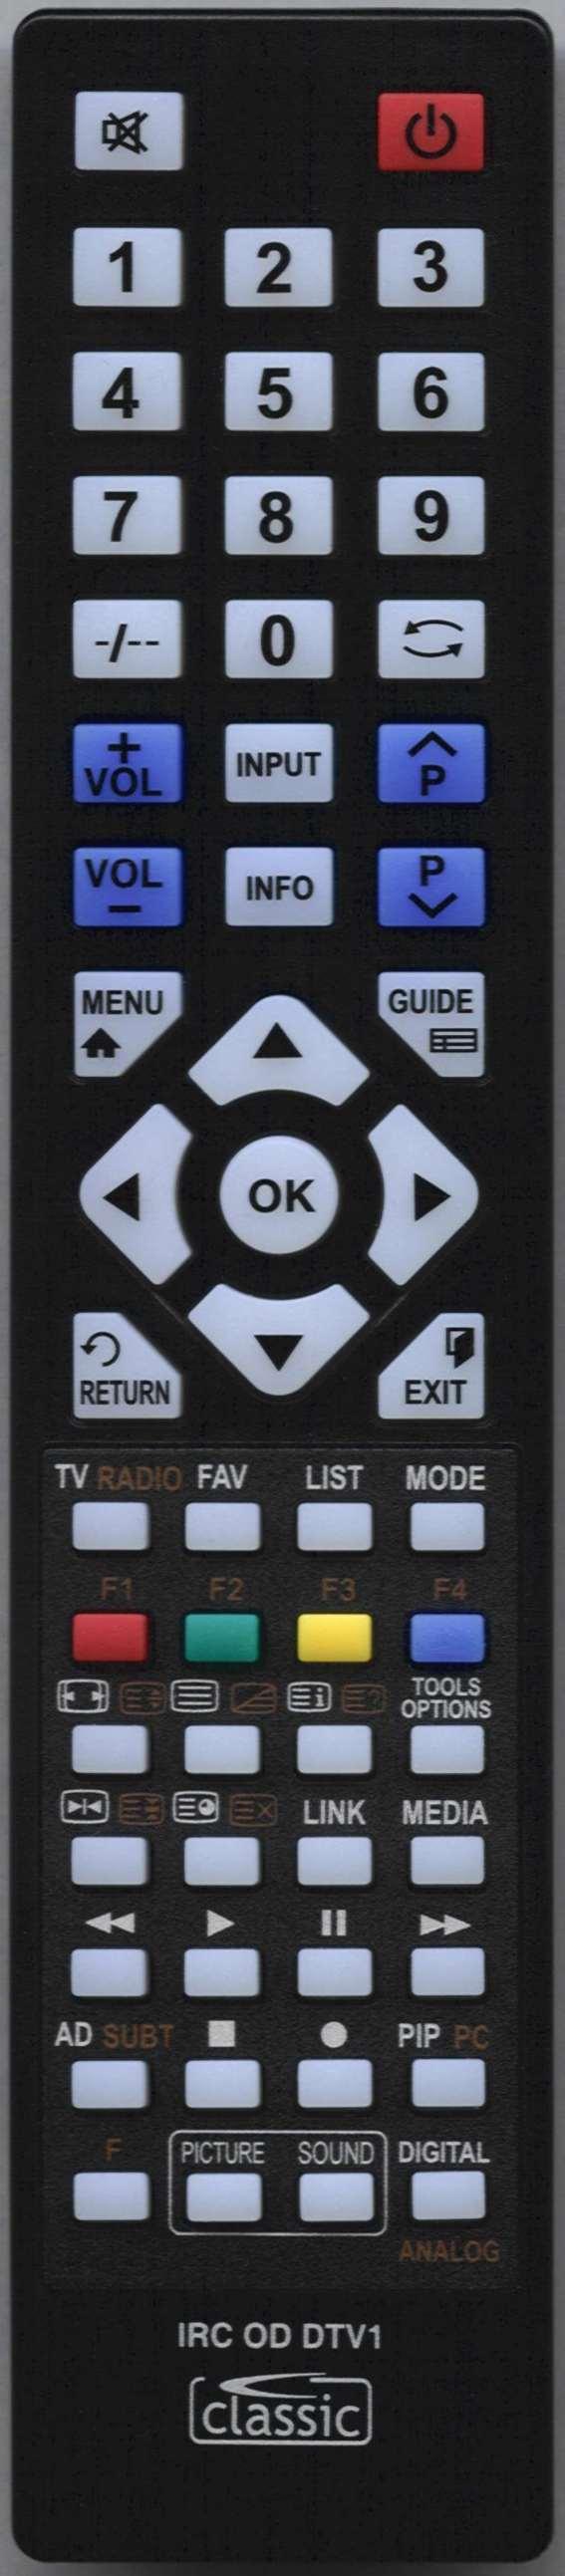 POLAROID SHDV2411I1D0 Remote Control